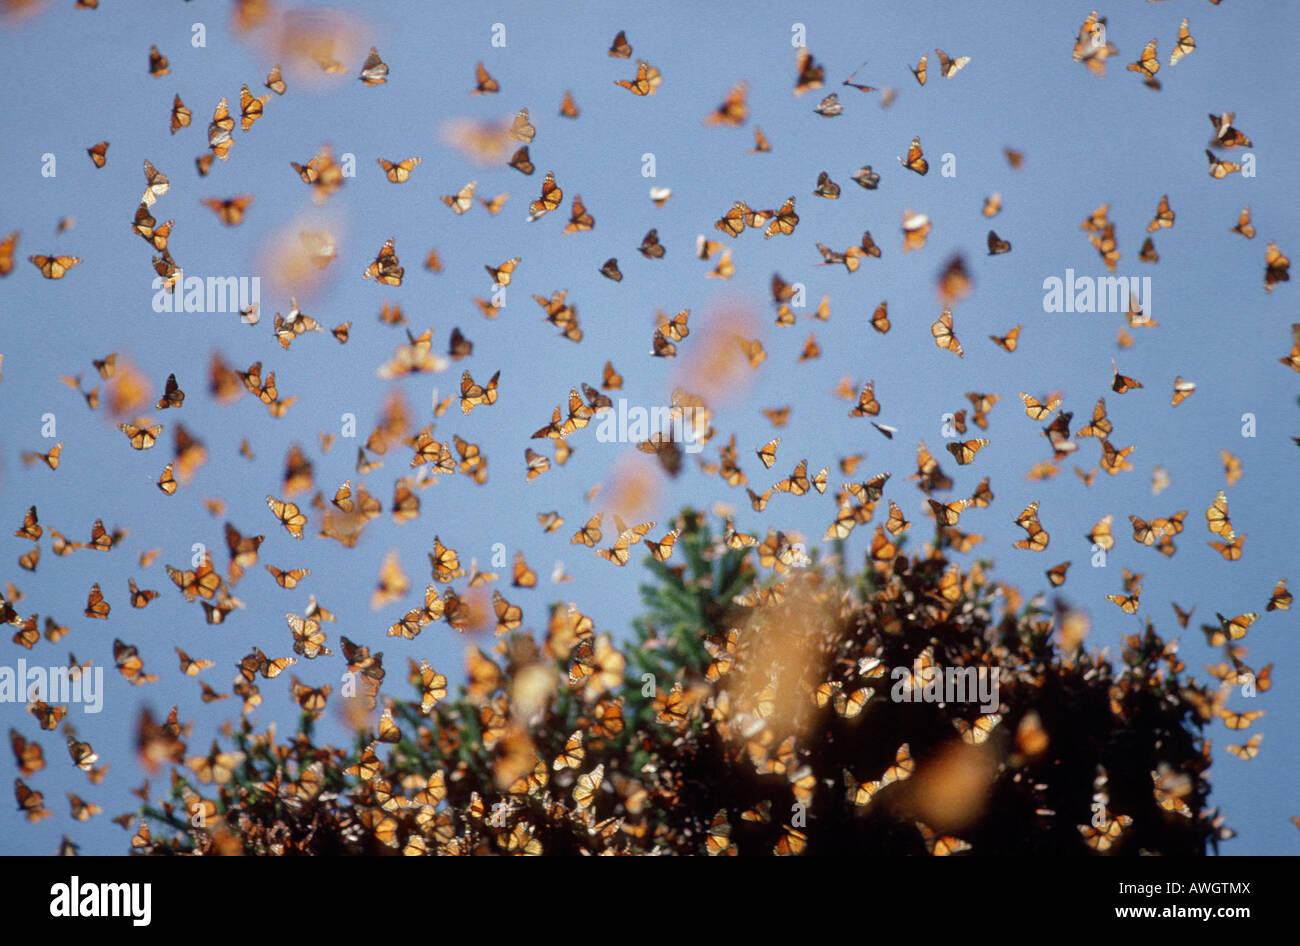 Monarch Butterfly , monarques Monarchfalter Monarchs Danaus plexippus on migration animals Arthropoda arthropods - Stock Image